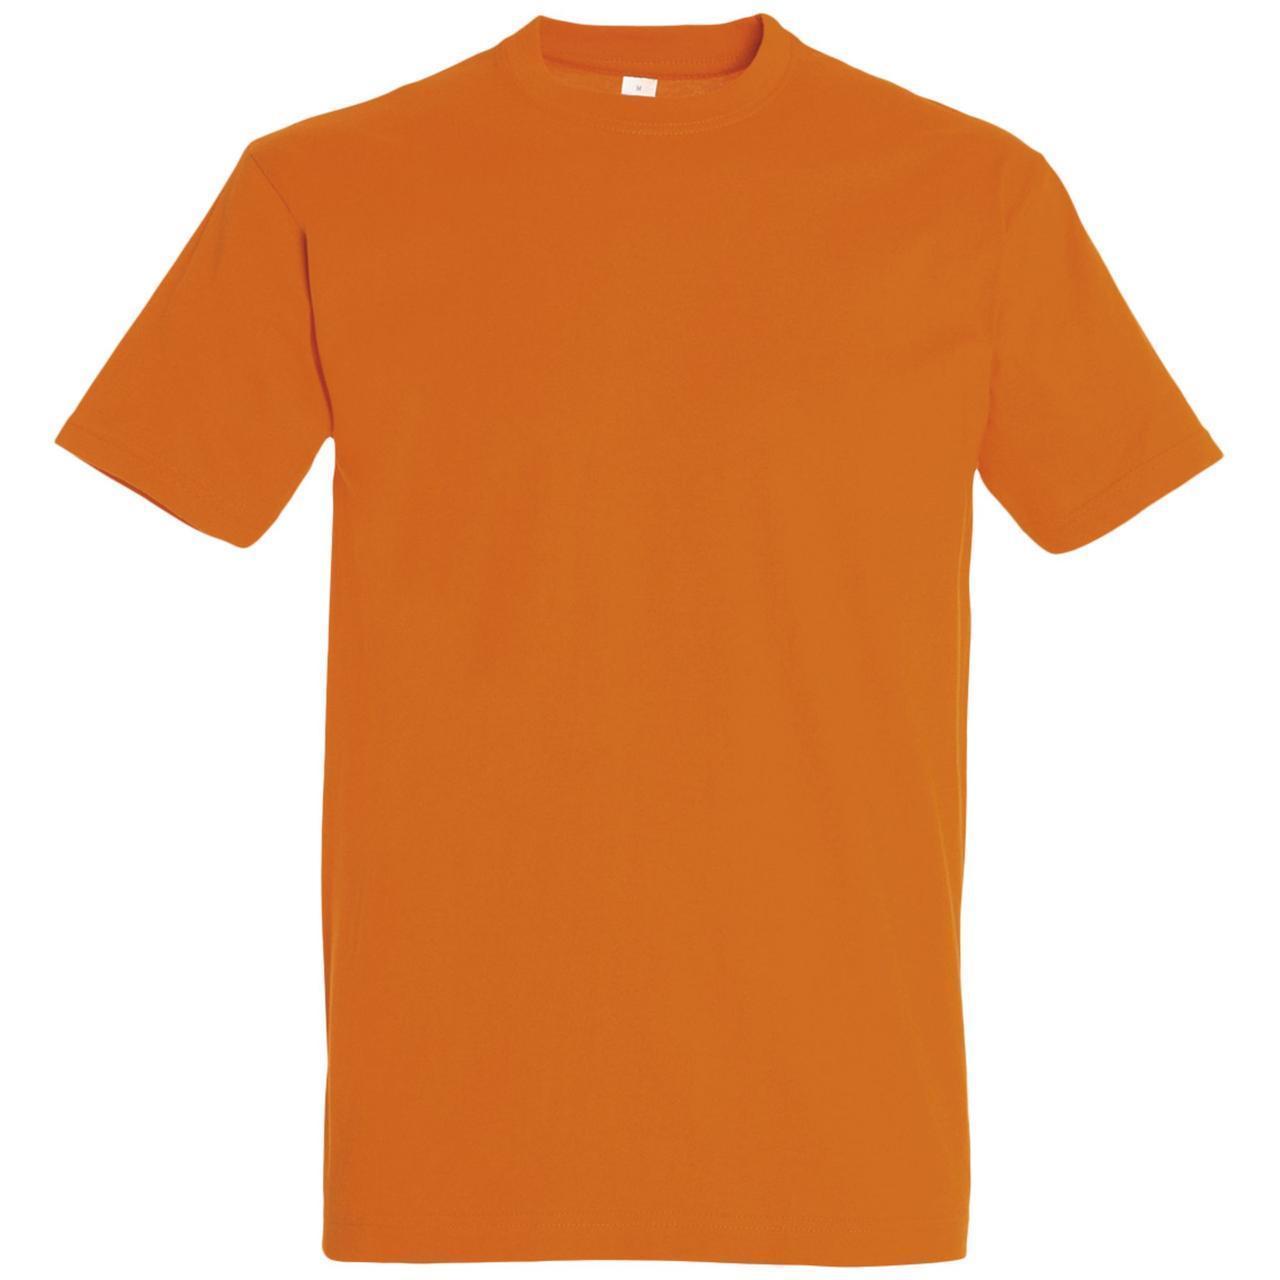 Oднотонная футболка | Оранжевая | 160 гр. | L